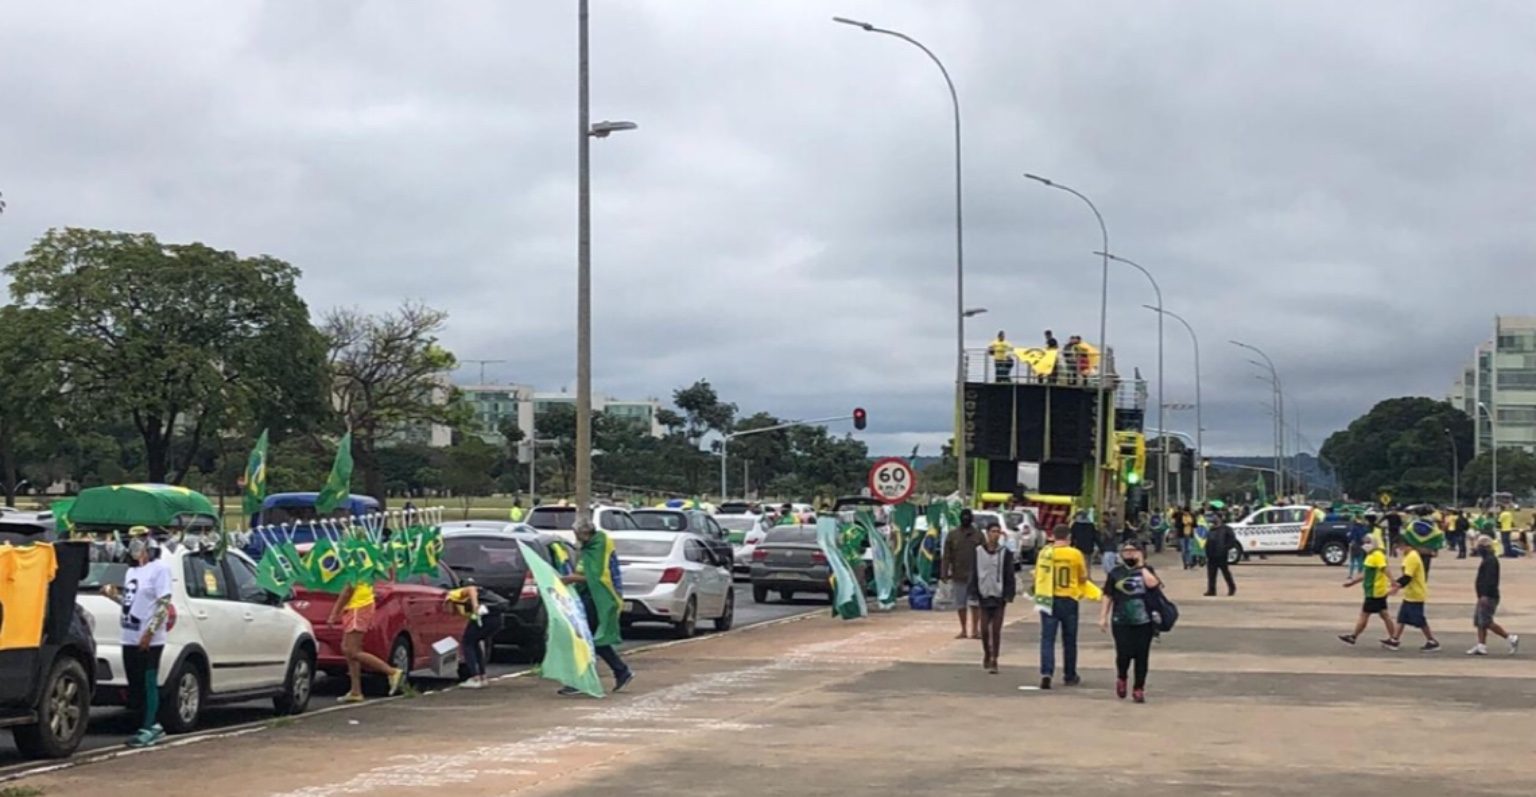 Ato 'minguado' contra a democracia termina sem a presença de Bolsonaro